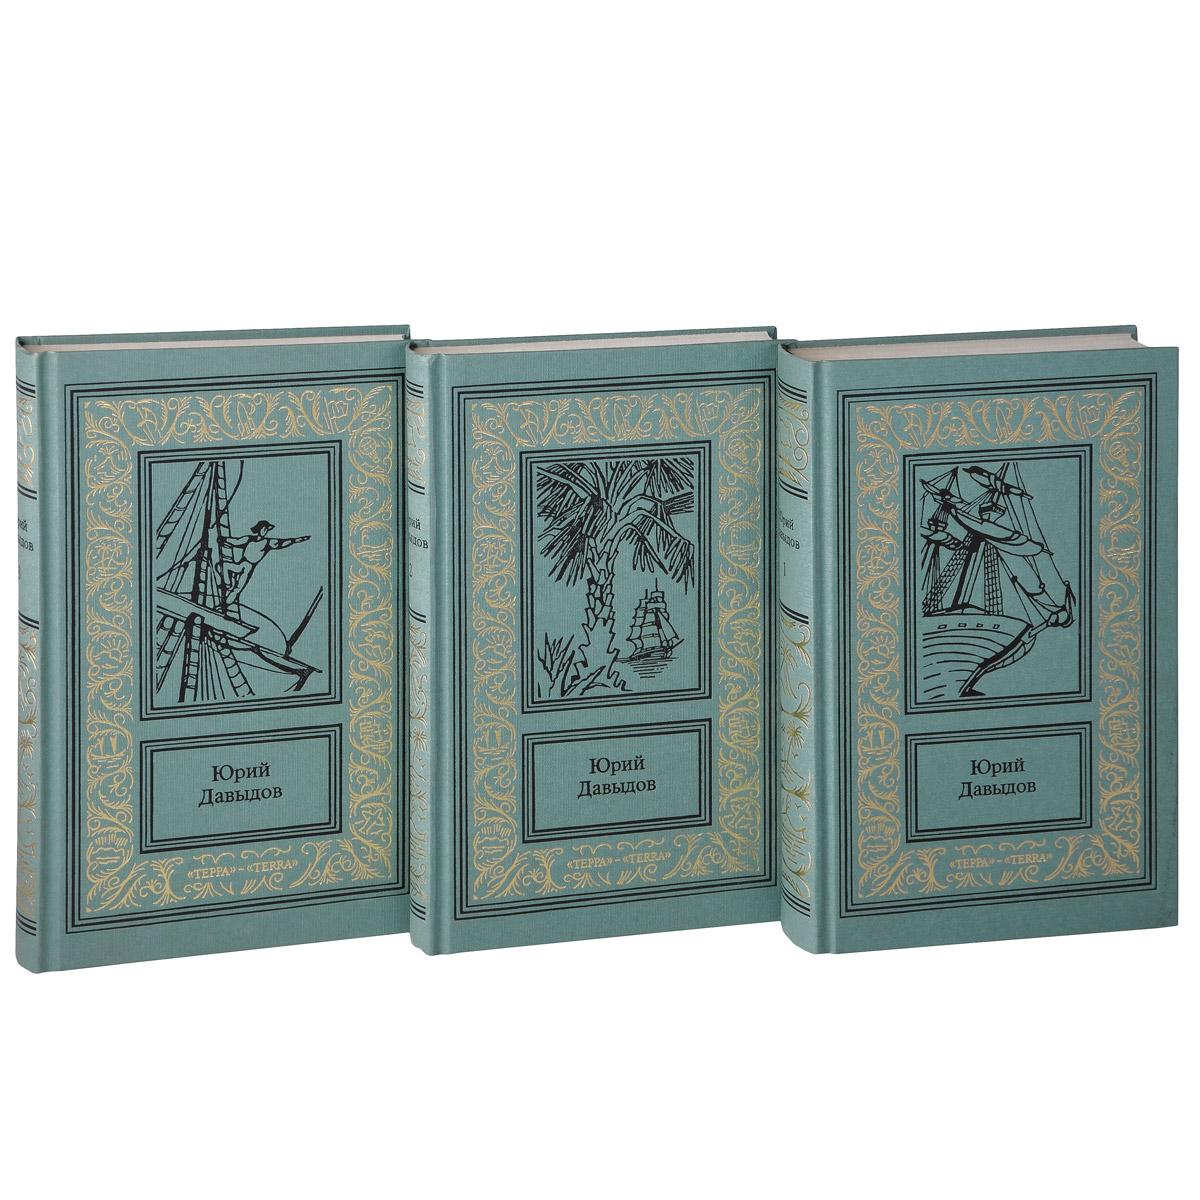 Юрий Давыдов. Сочинения (комплект из 3 книг)